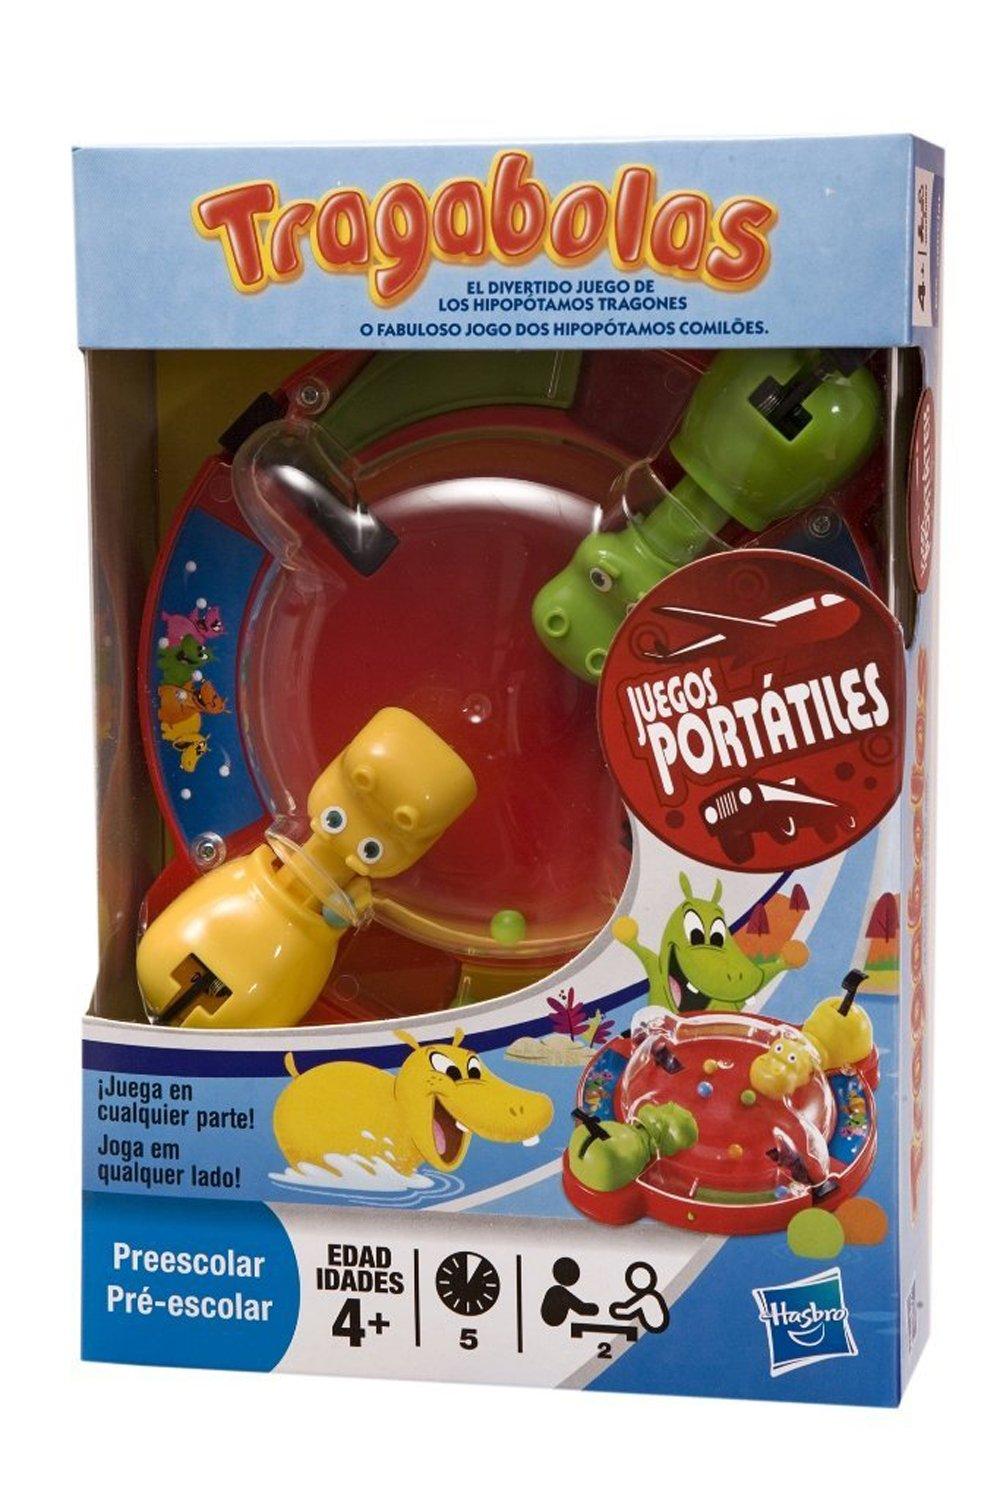 Hasbro Juegos Tragabolas Portatil 27470175: Amazon.es: Juguetes y juegos